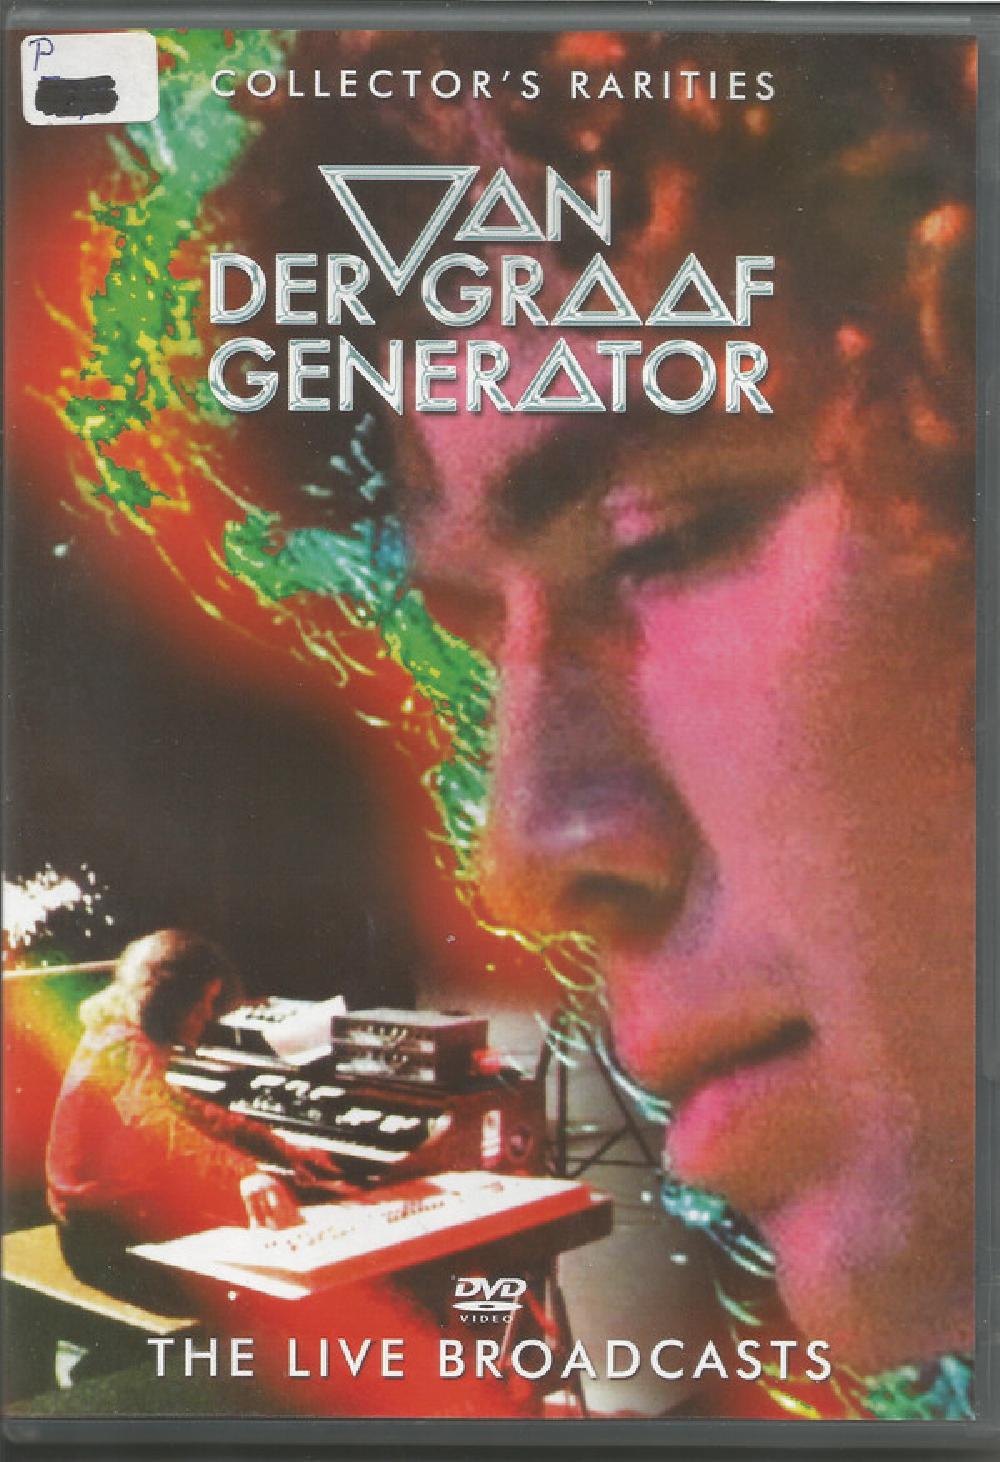 VAN DER GRAAF GENERATOR - The Live Broadcasts - DVD